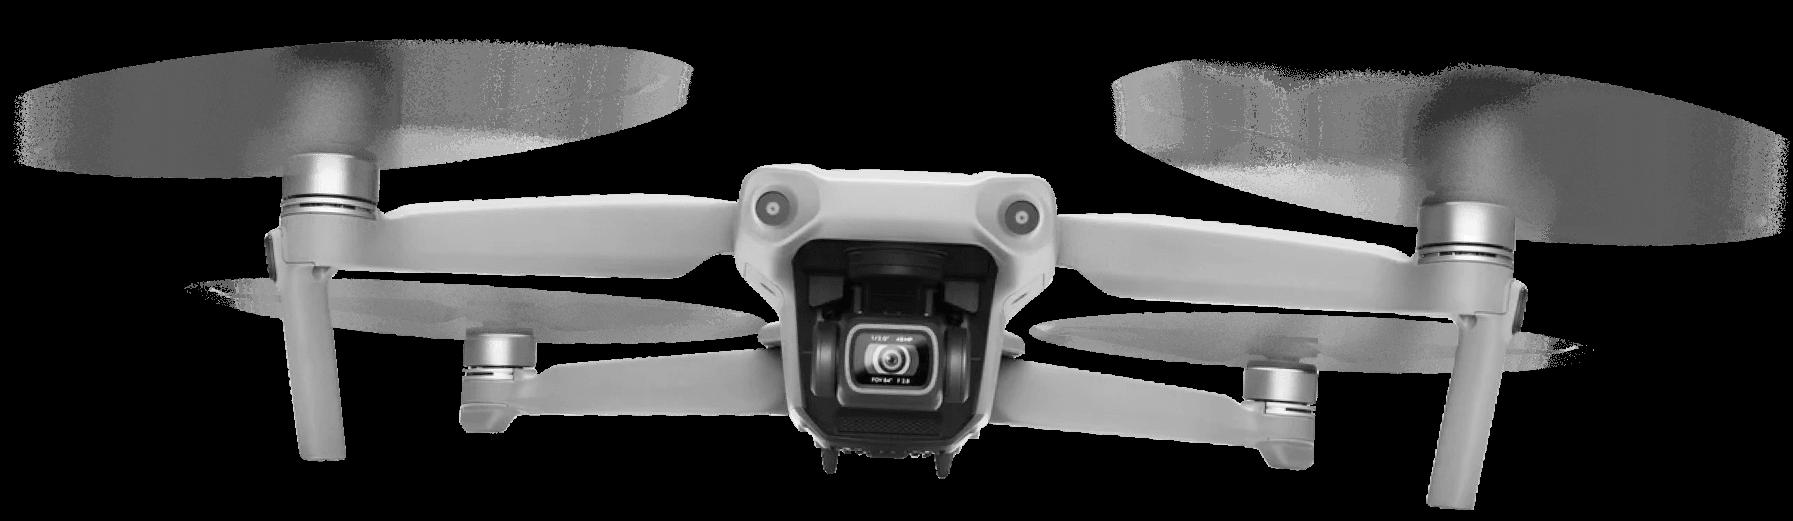 LMT.lv Drone